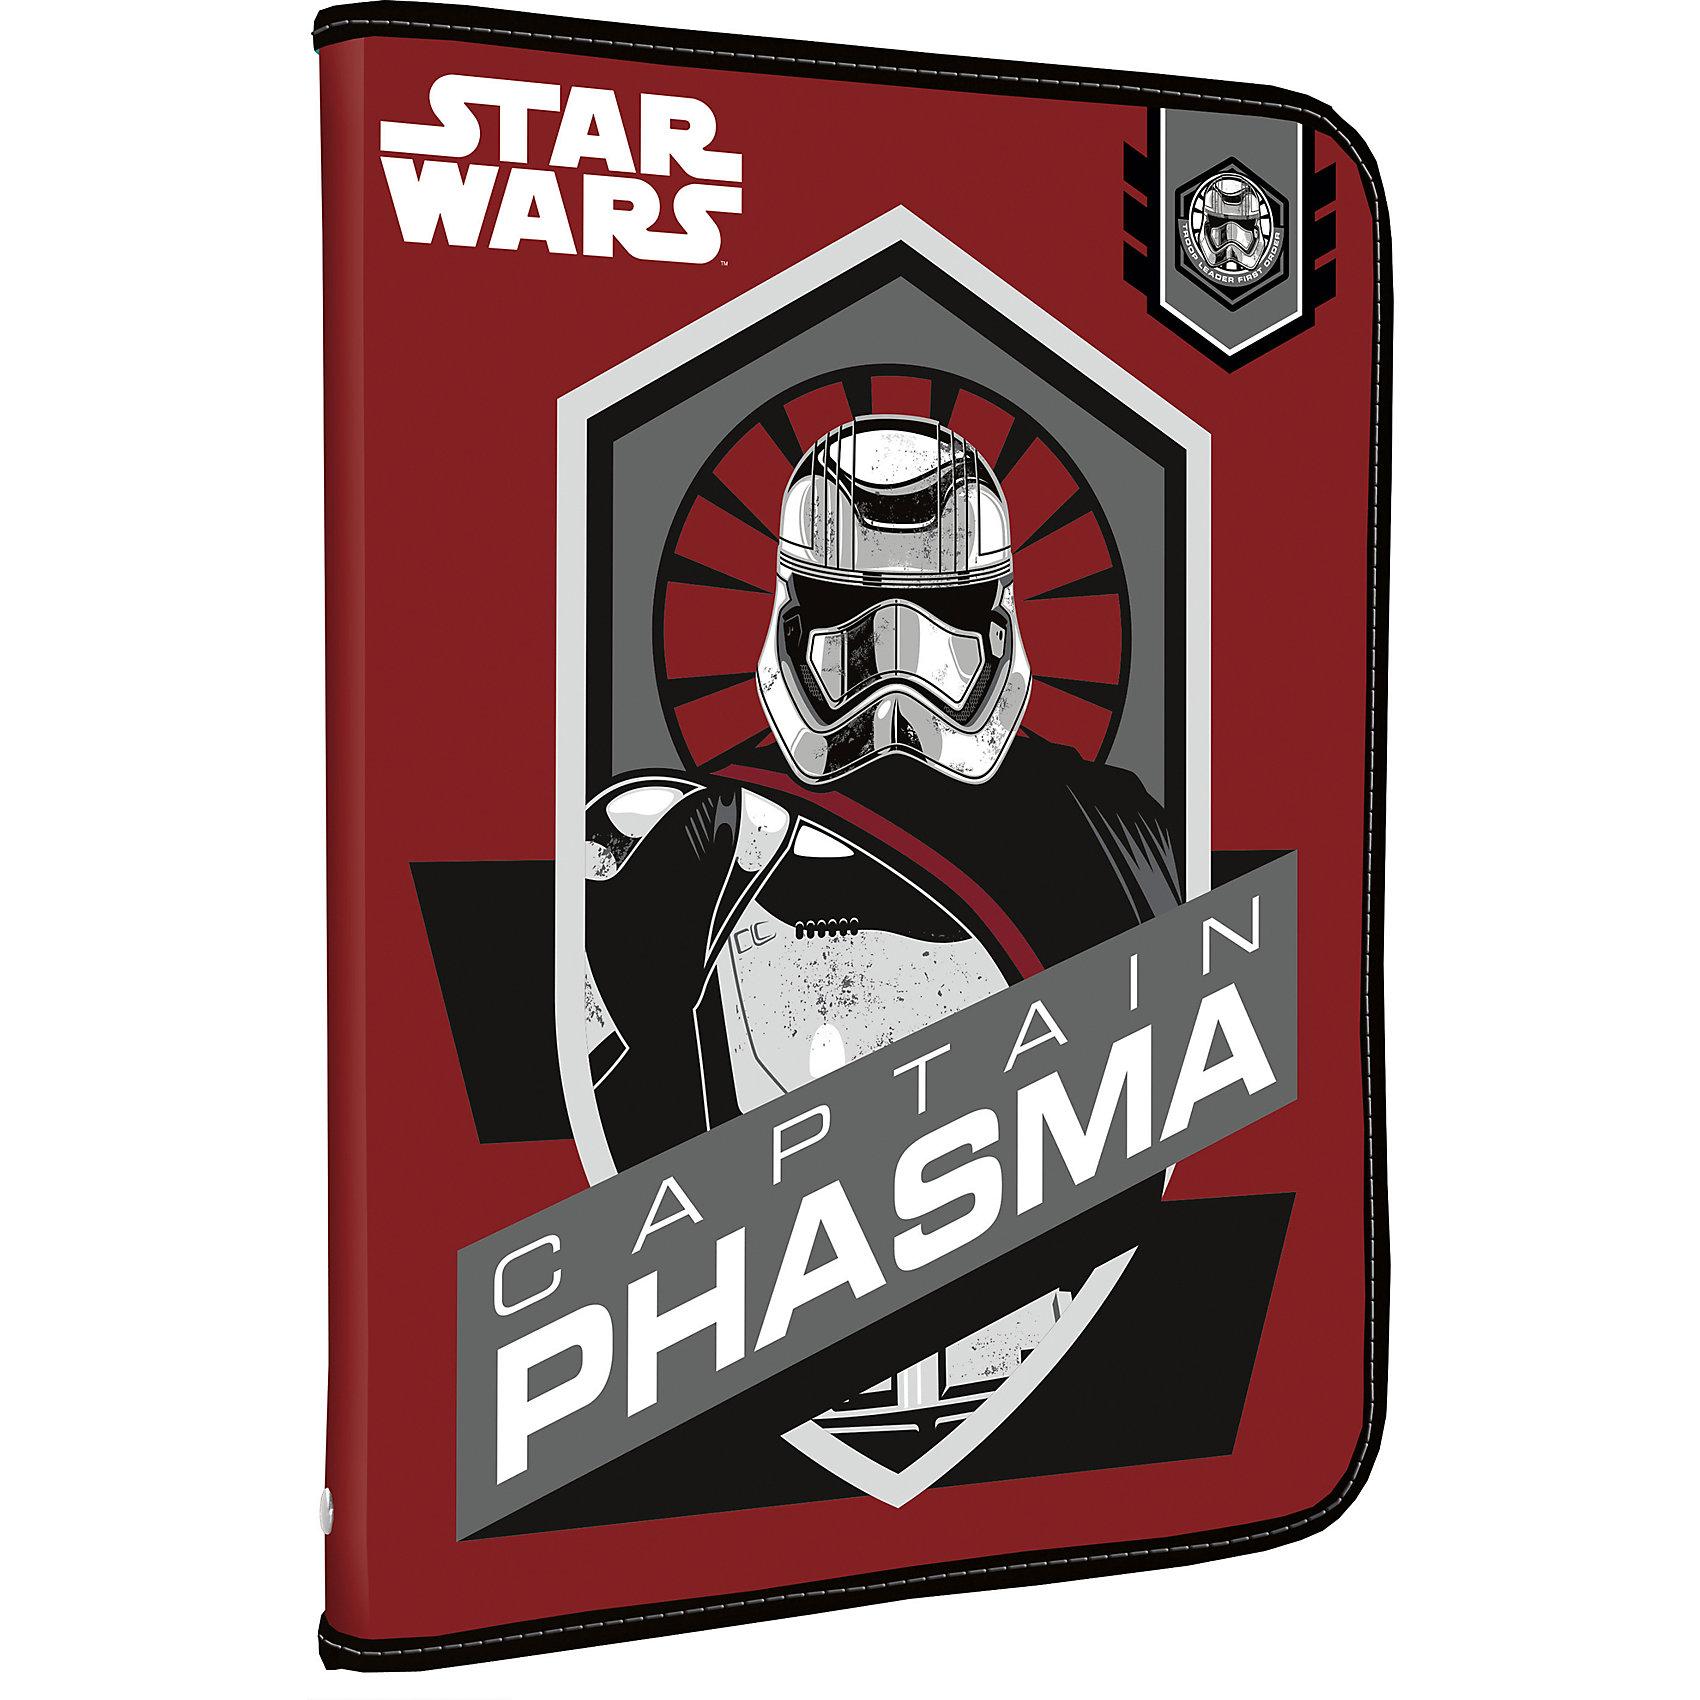 Академия групп Папка А5+ на молнии, Star Wars академия групп пластиковая папка чемодан 26 33 5 5 см тачки